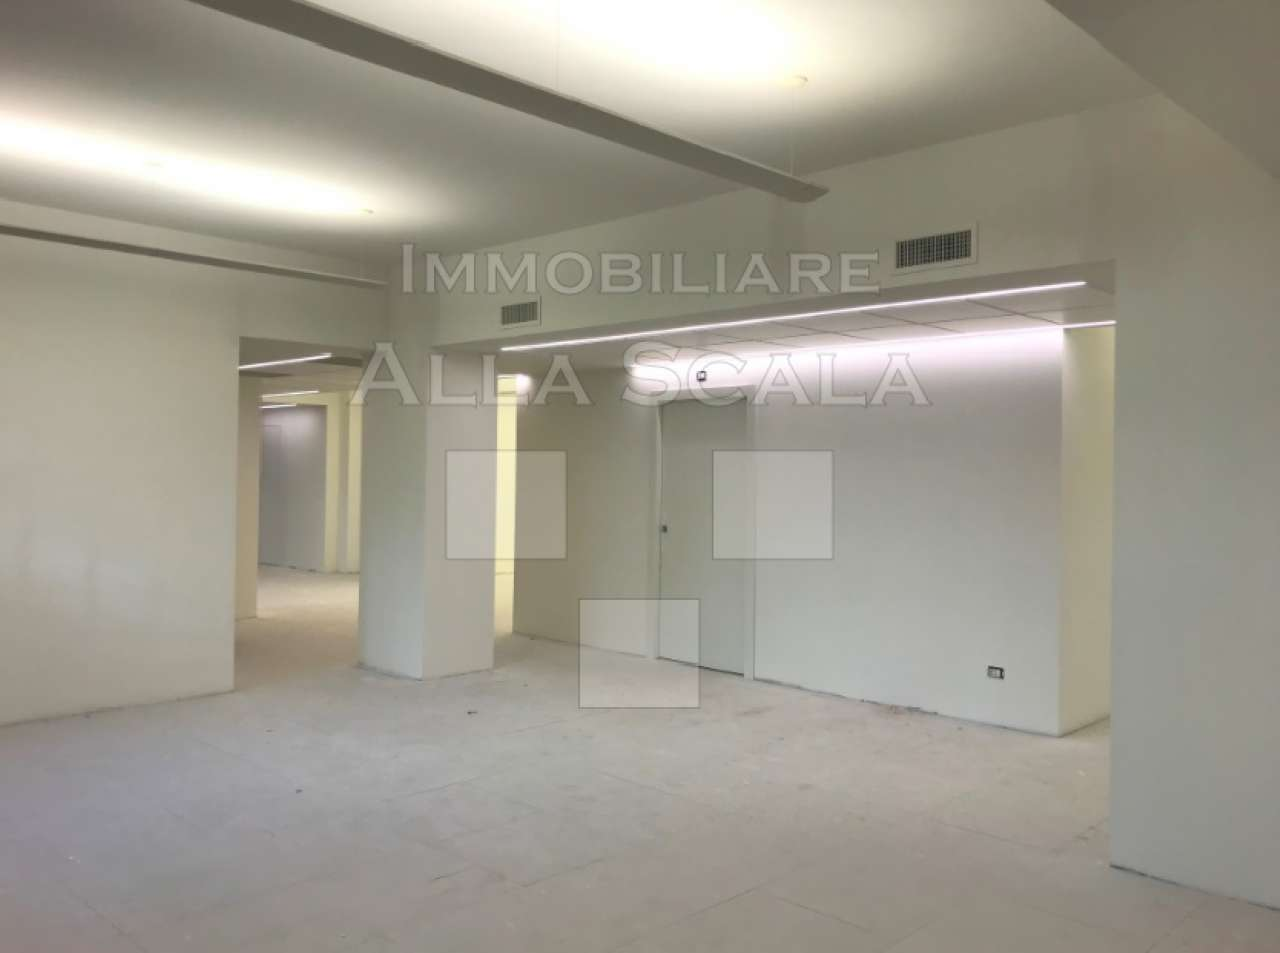 Ufficio-studio in Affitto a Milano 01 Centro storico (Cerchia dei Navigli): 5 locali, 710 mq